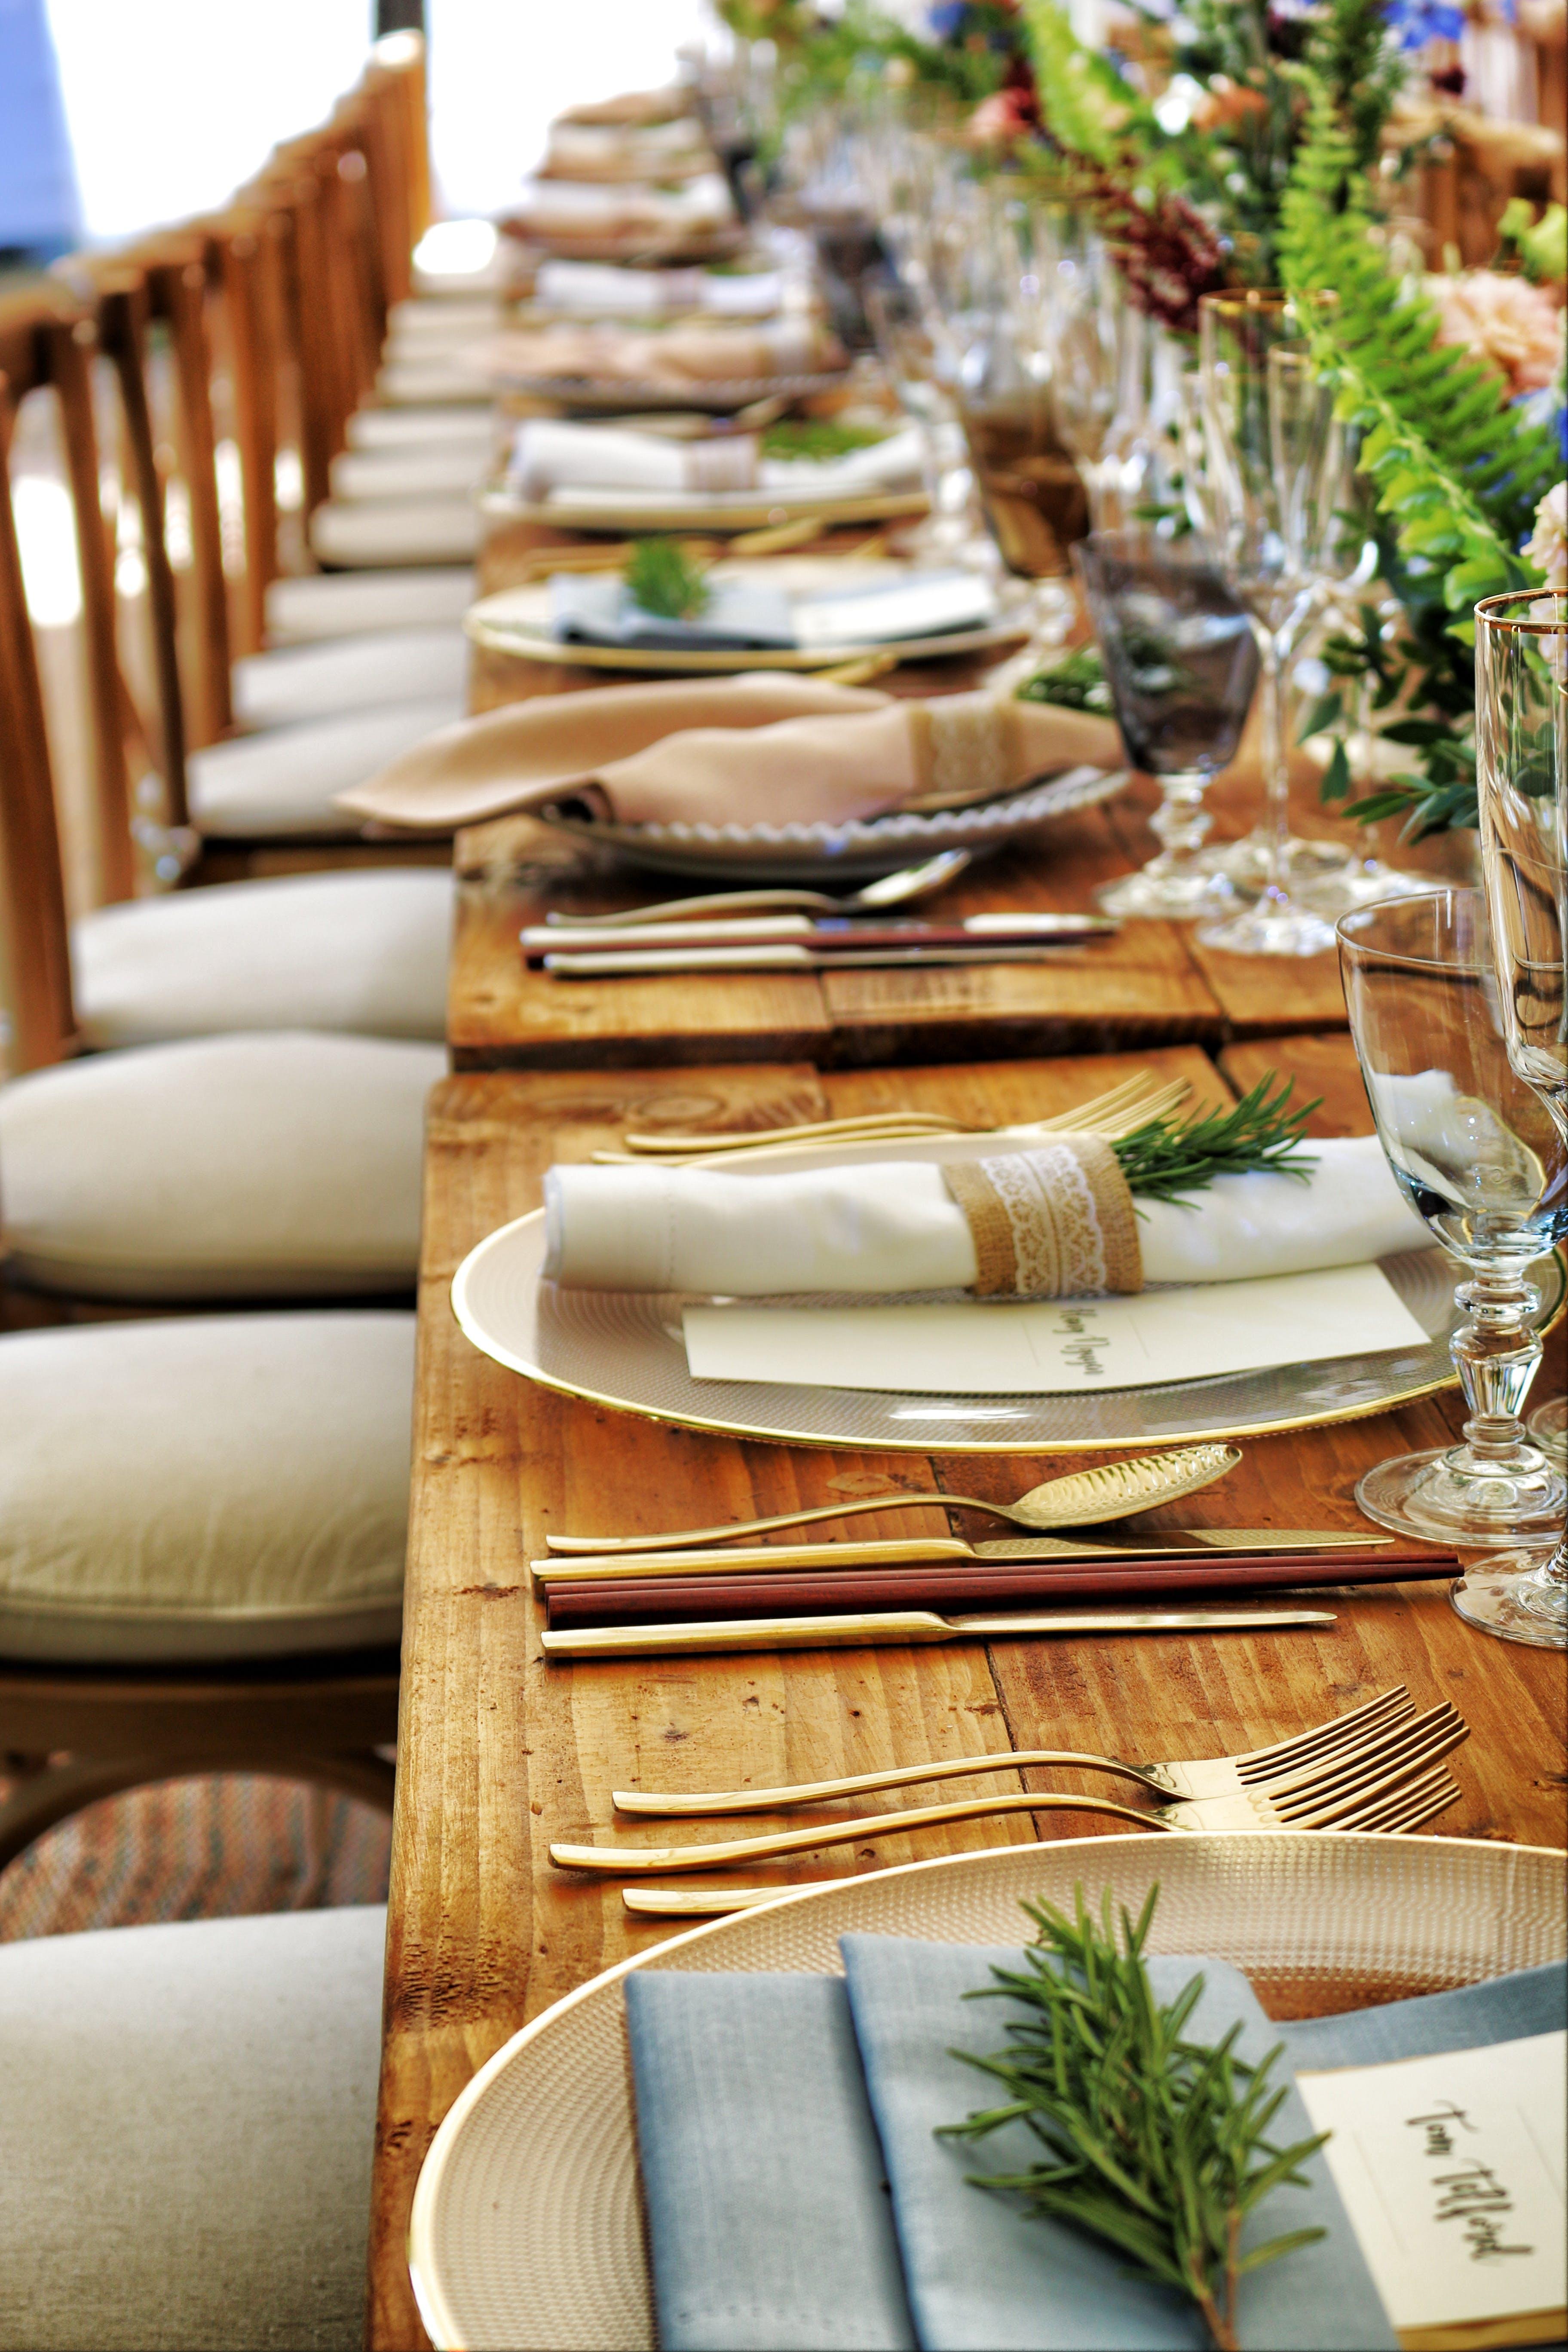 Gratis stockfoto met avondeten, banket, bestek, binnenshuis